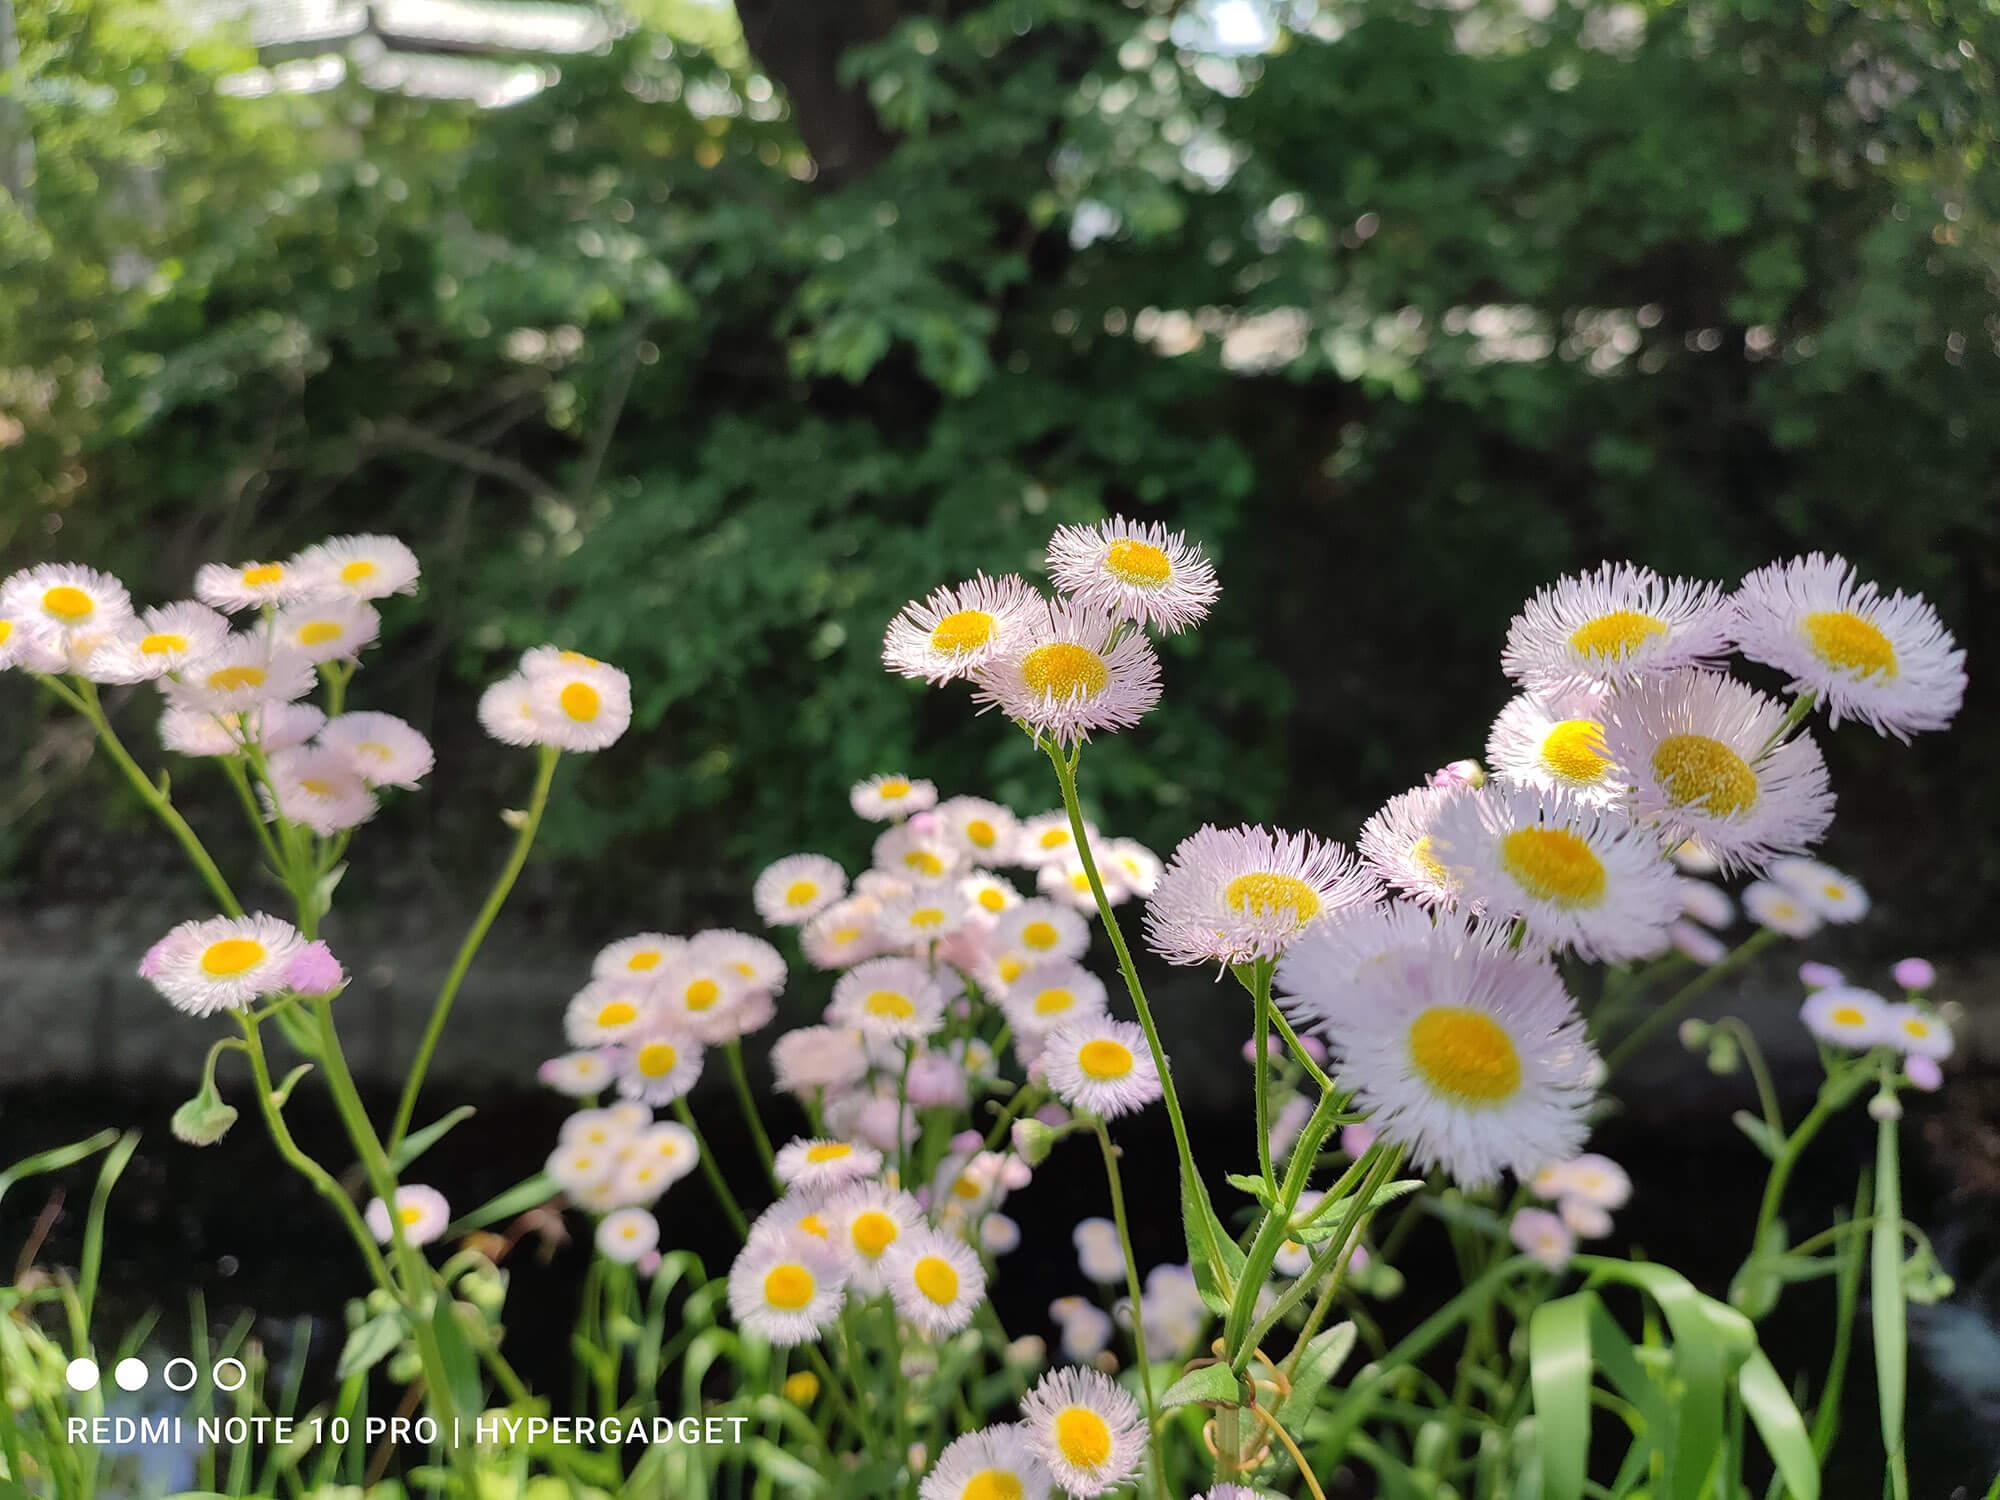 Redmi Note 10 Proで撮影した白い花